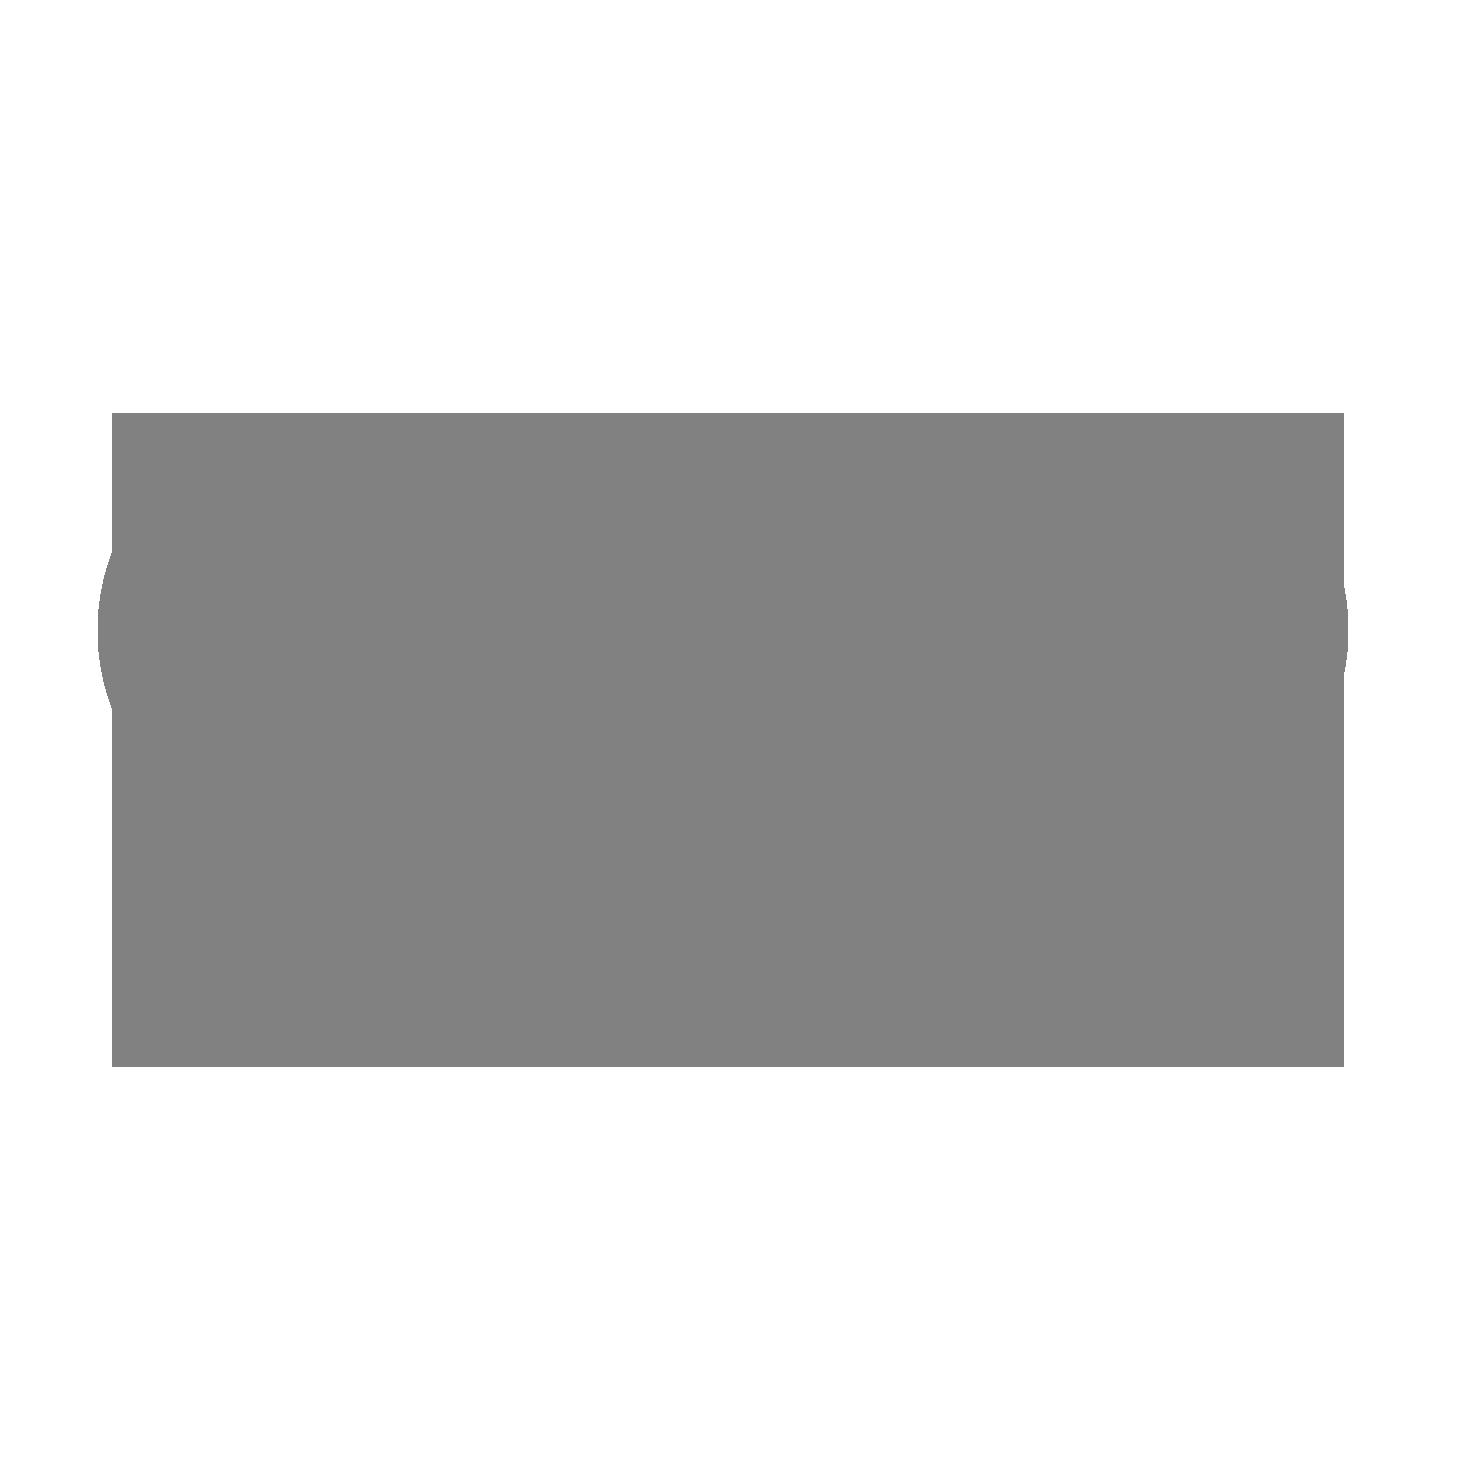 Audi_001.png